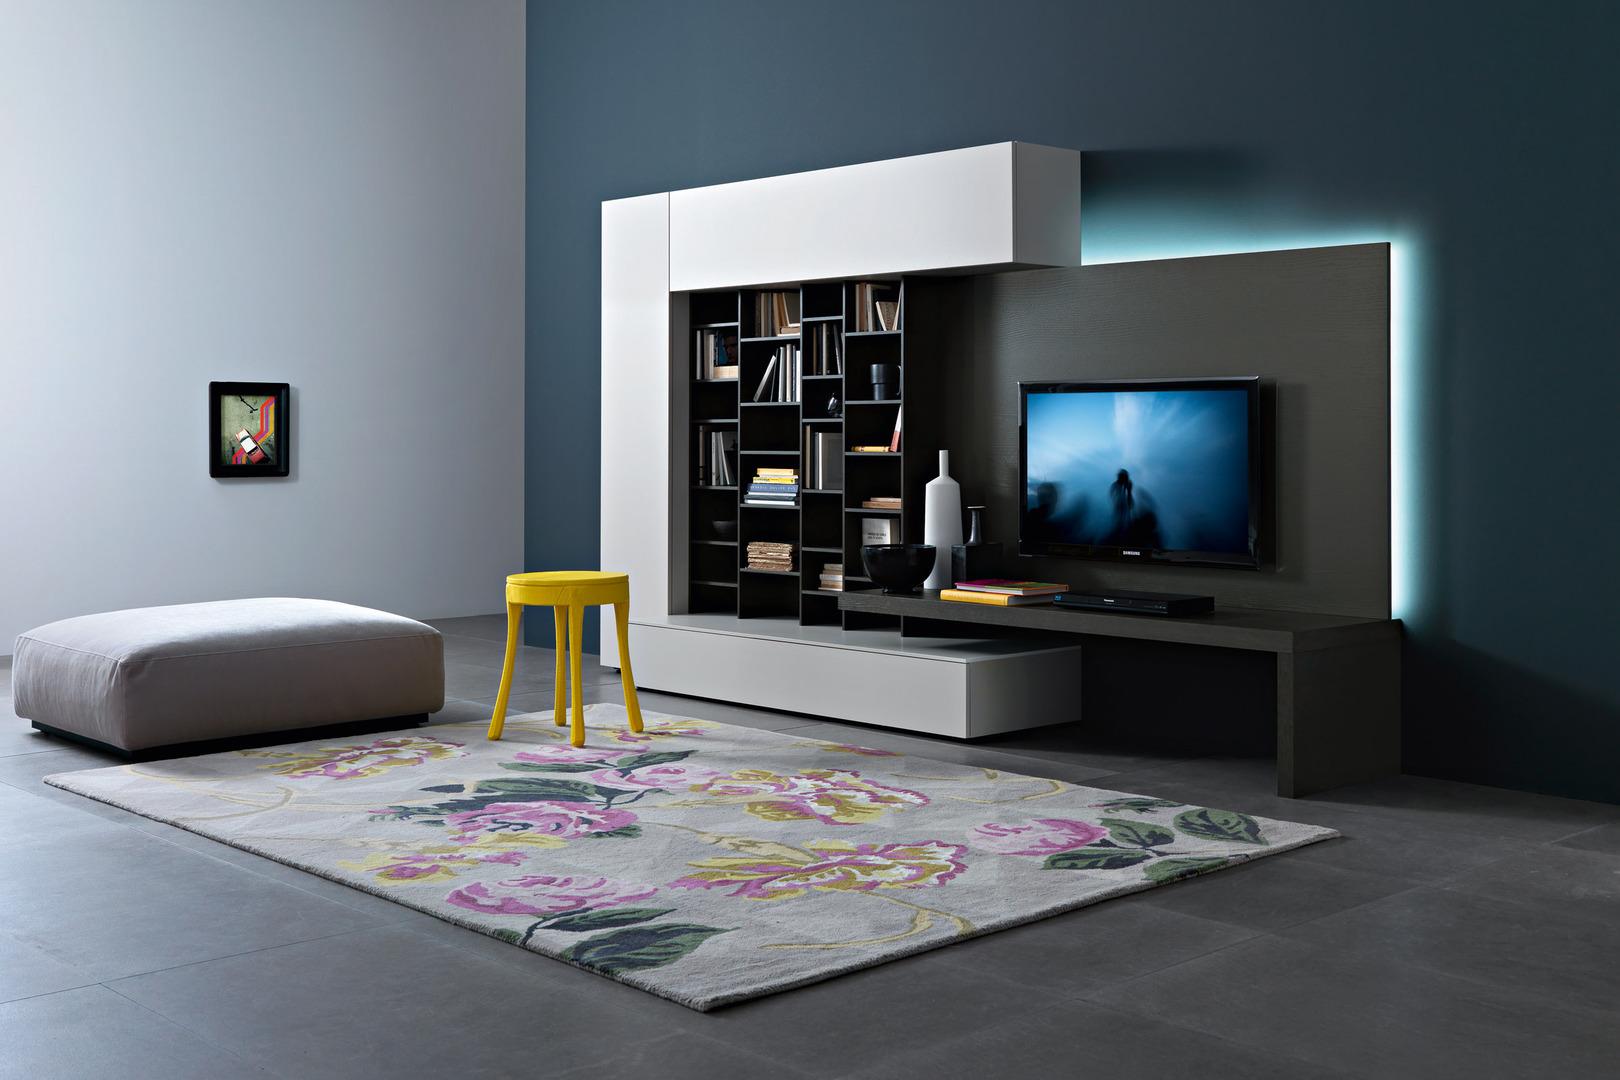 Arredamenti Milani - Arredamento soggiorno moderno design